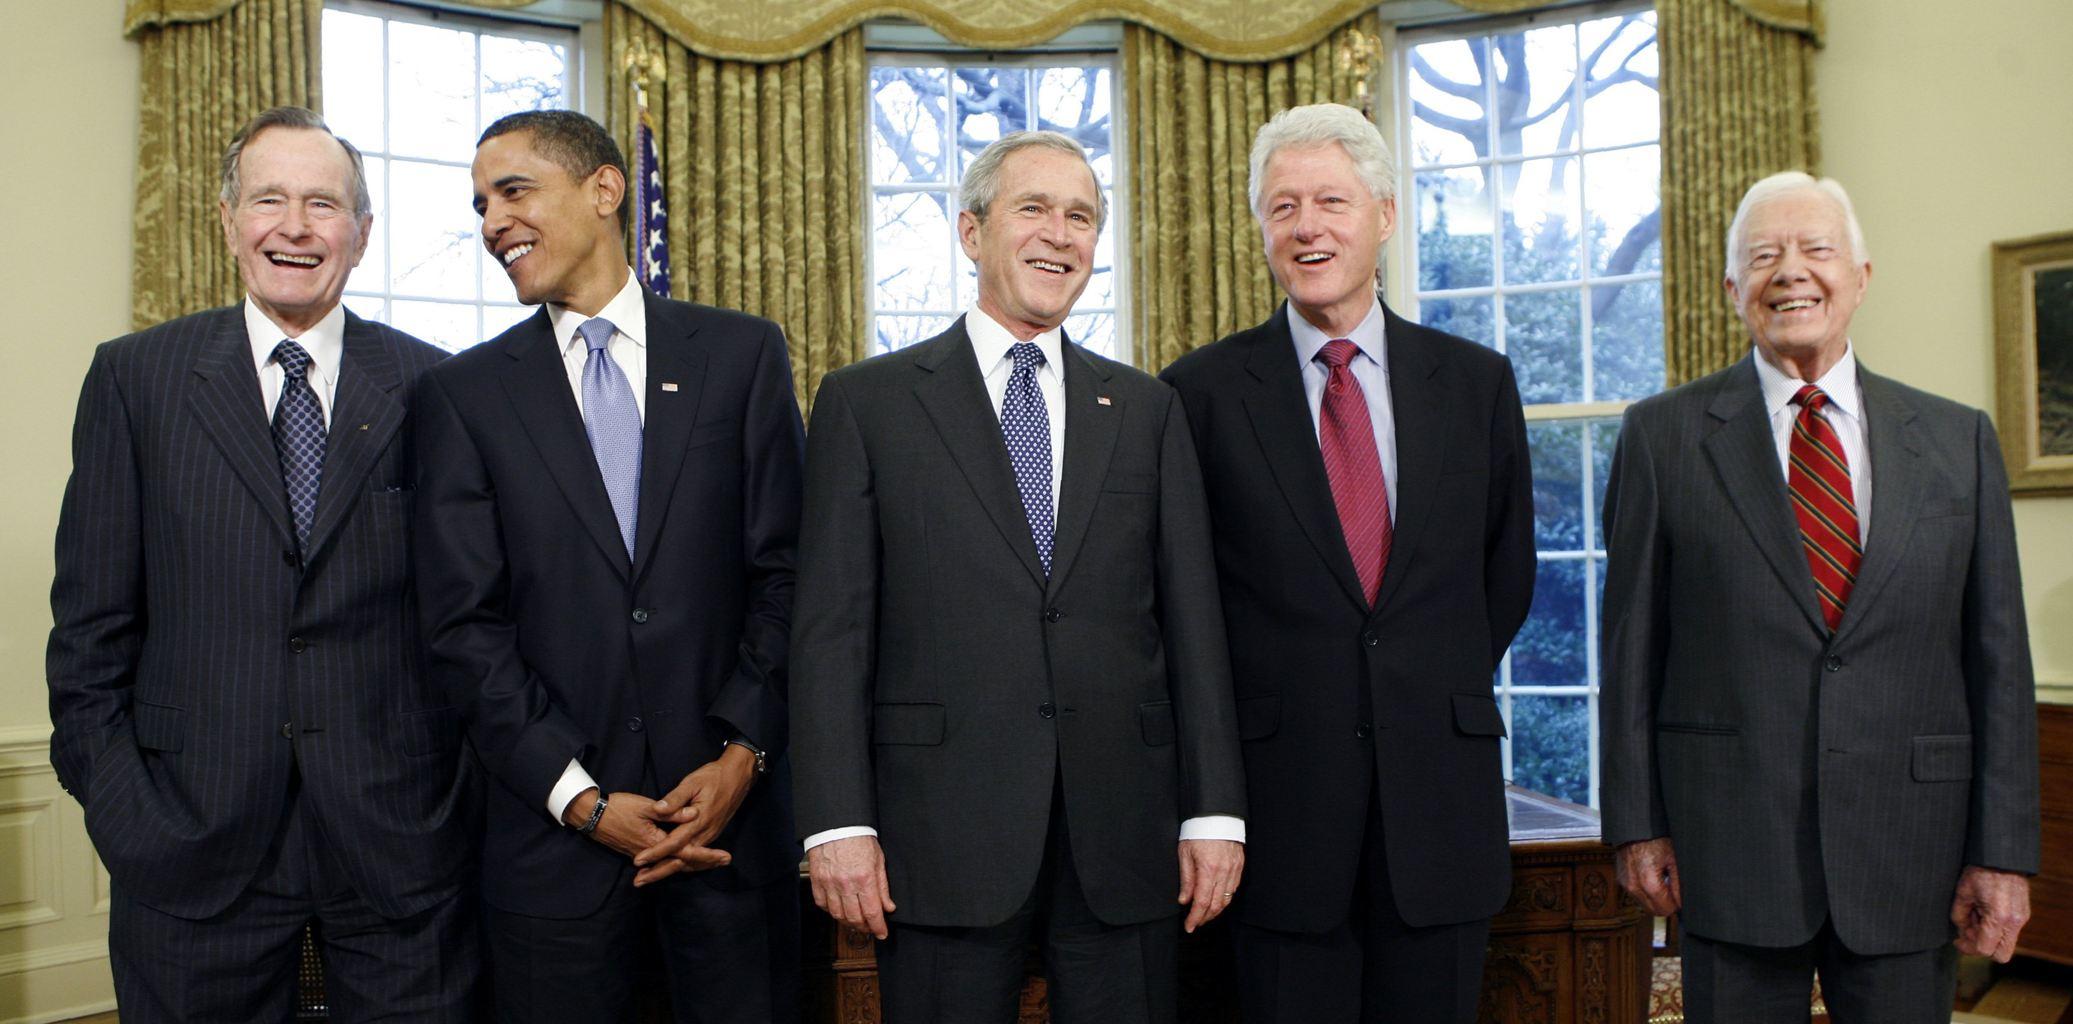 Дома президентов фото